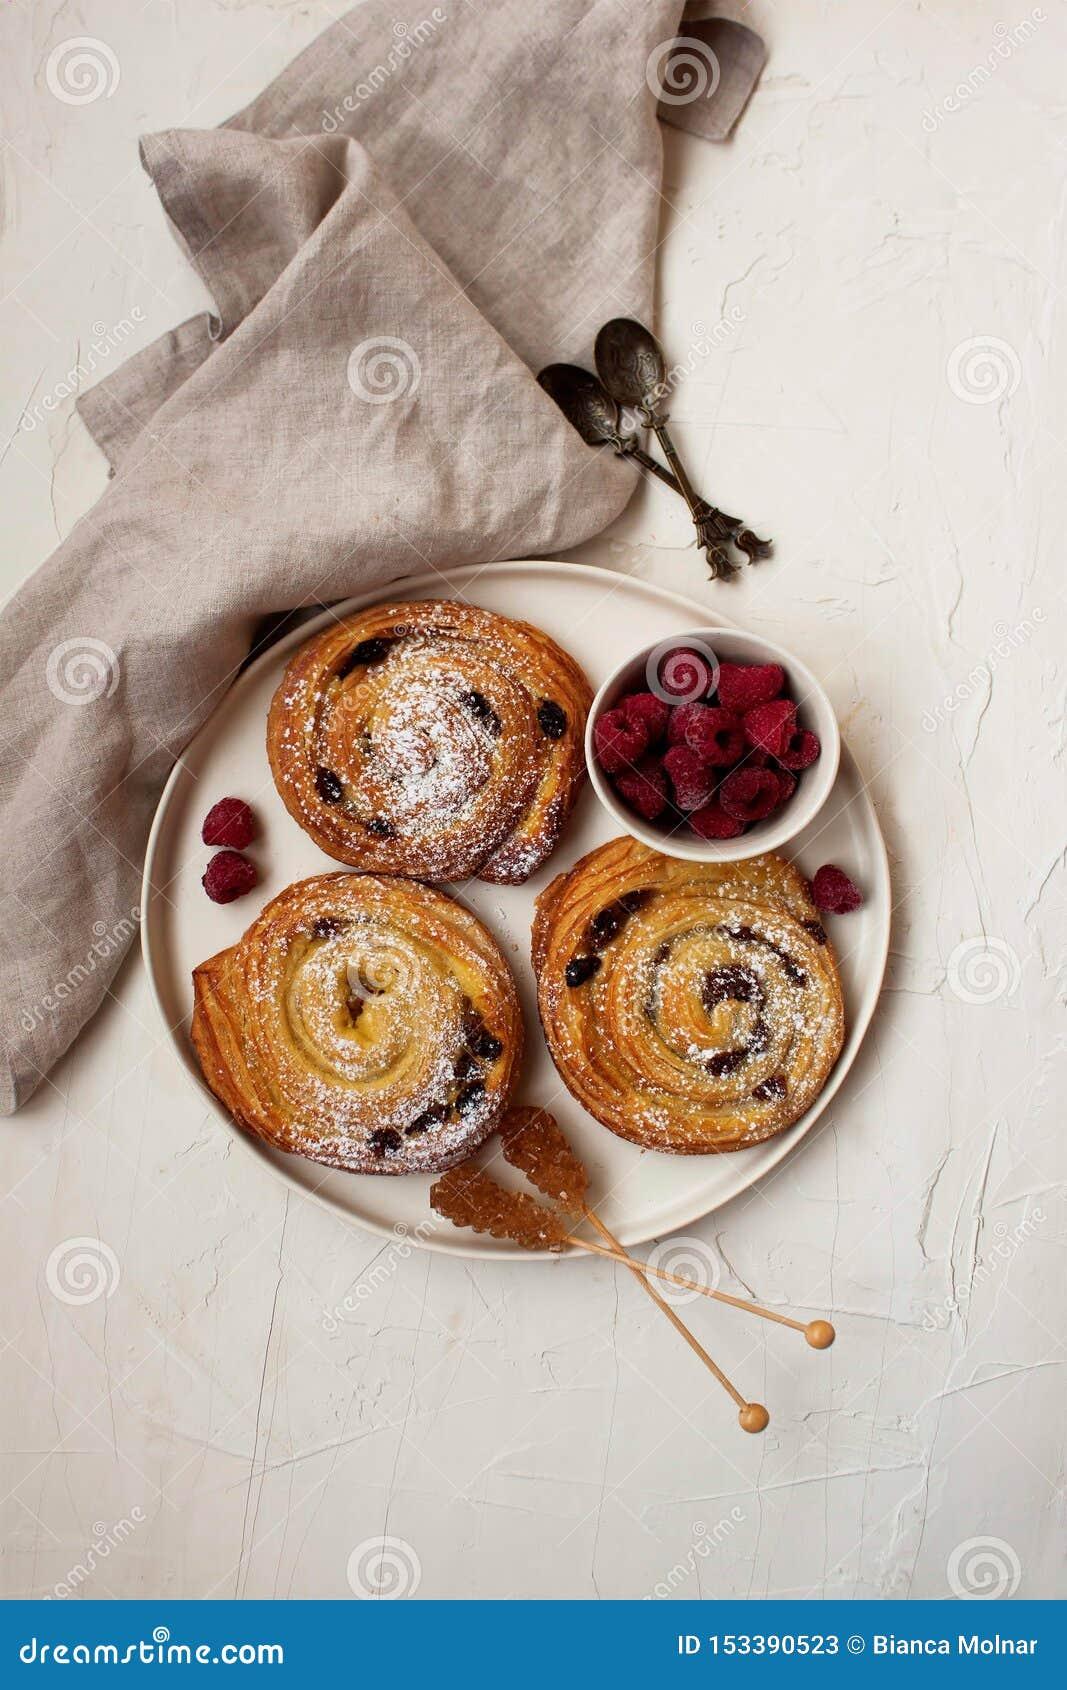 Francuski śniadanie z cynamonowymi rolkami i malinkami